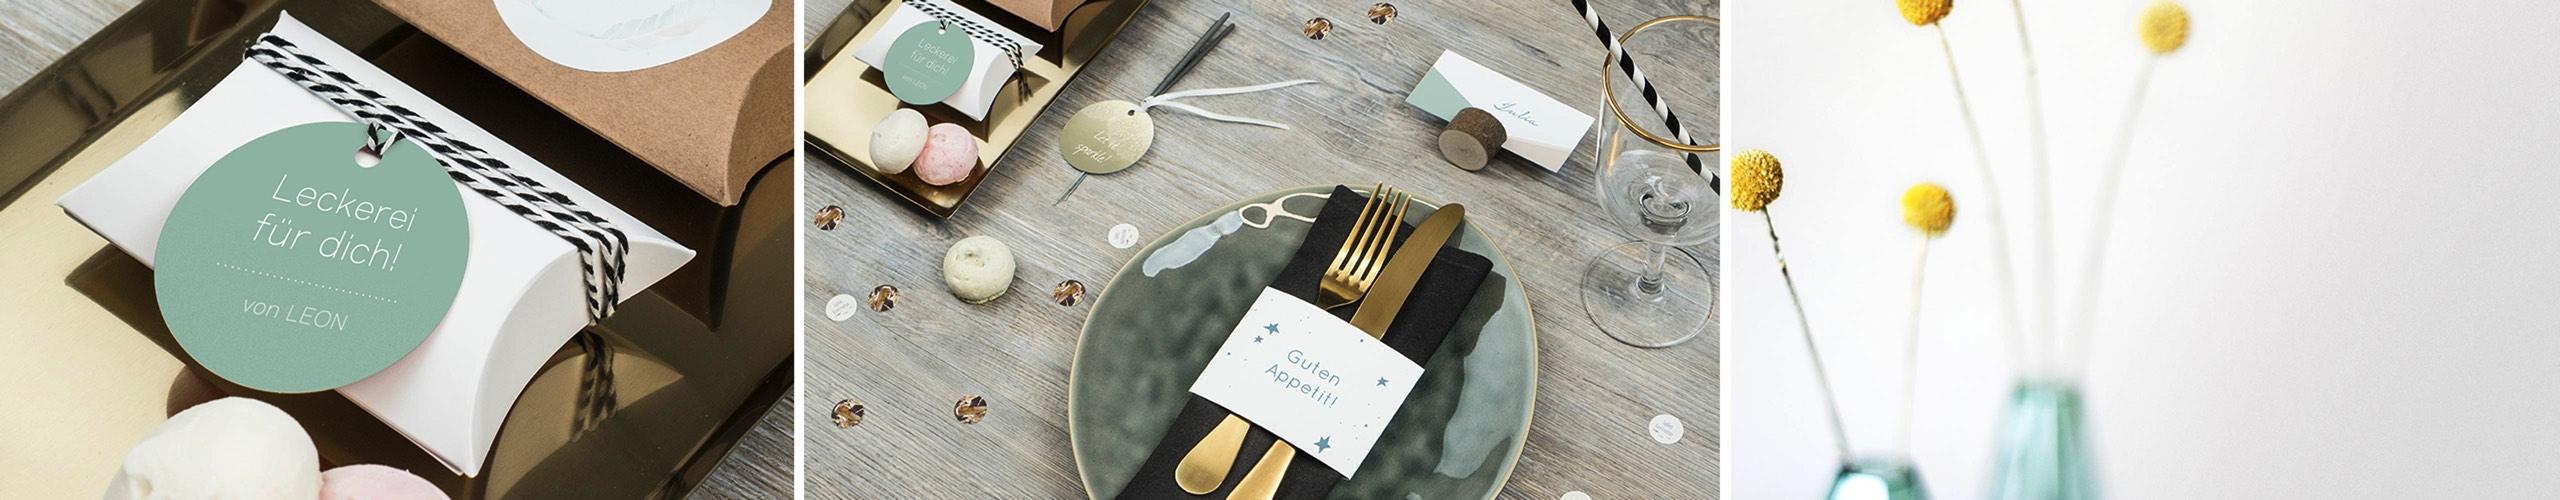 Moderne Deko Zur Konfirmation Ausgefallene Tischdeko Und Mehr